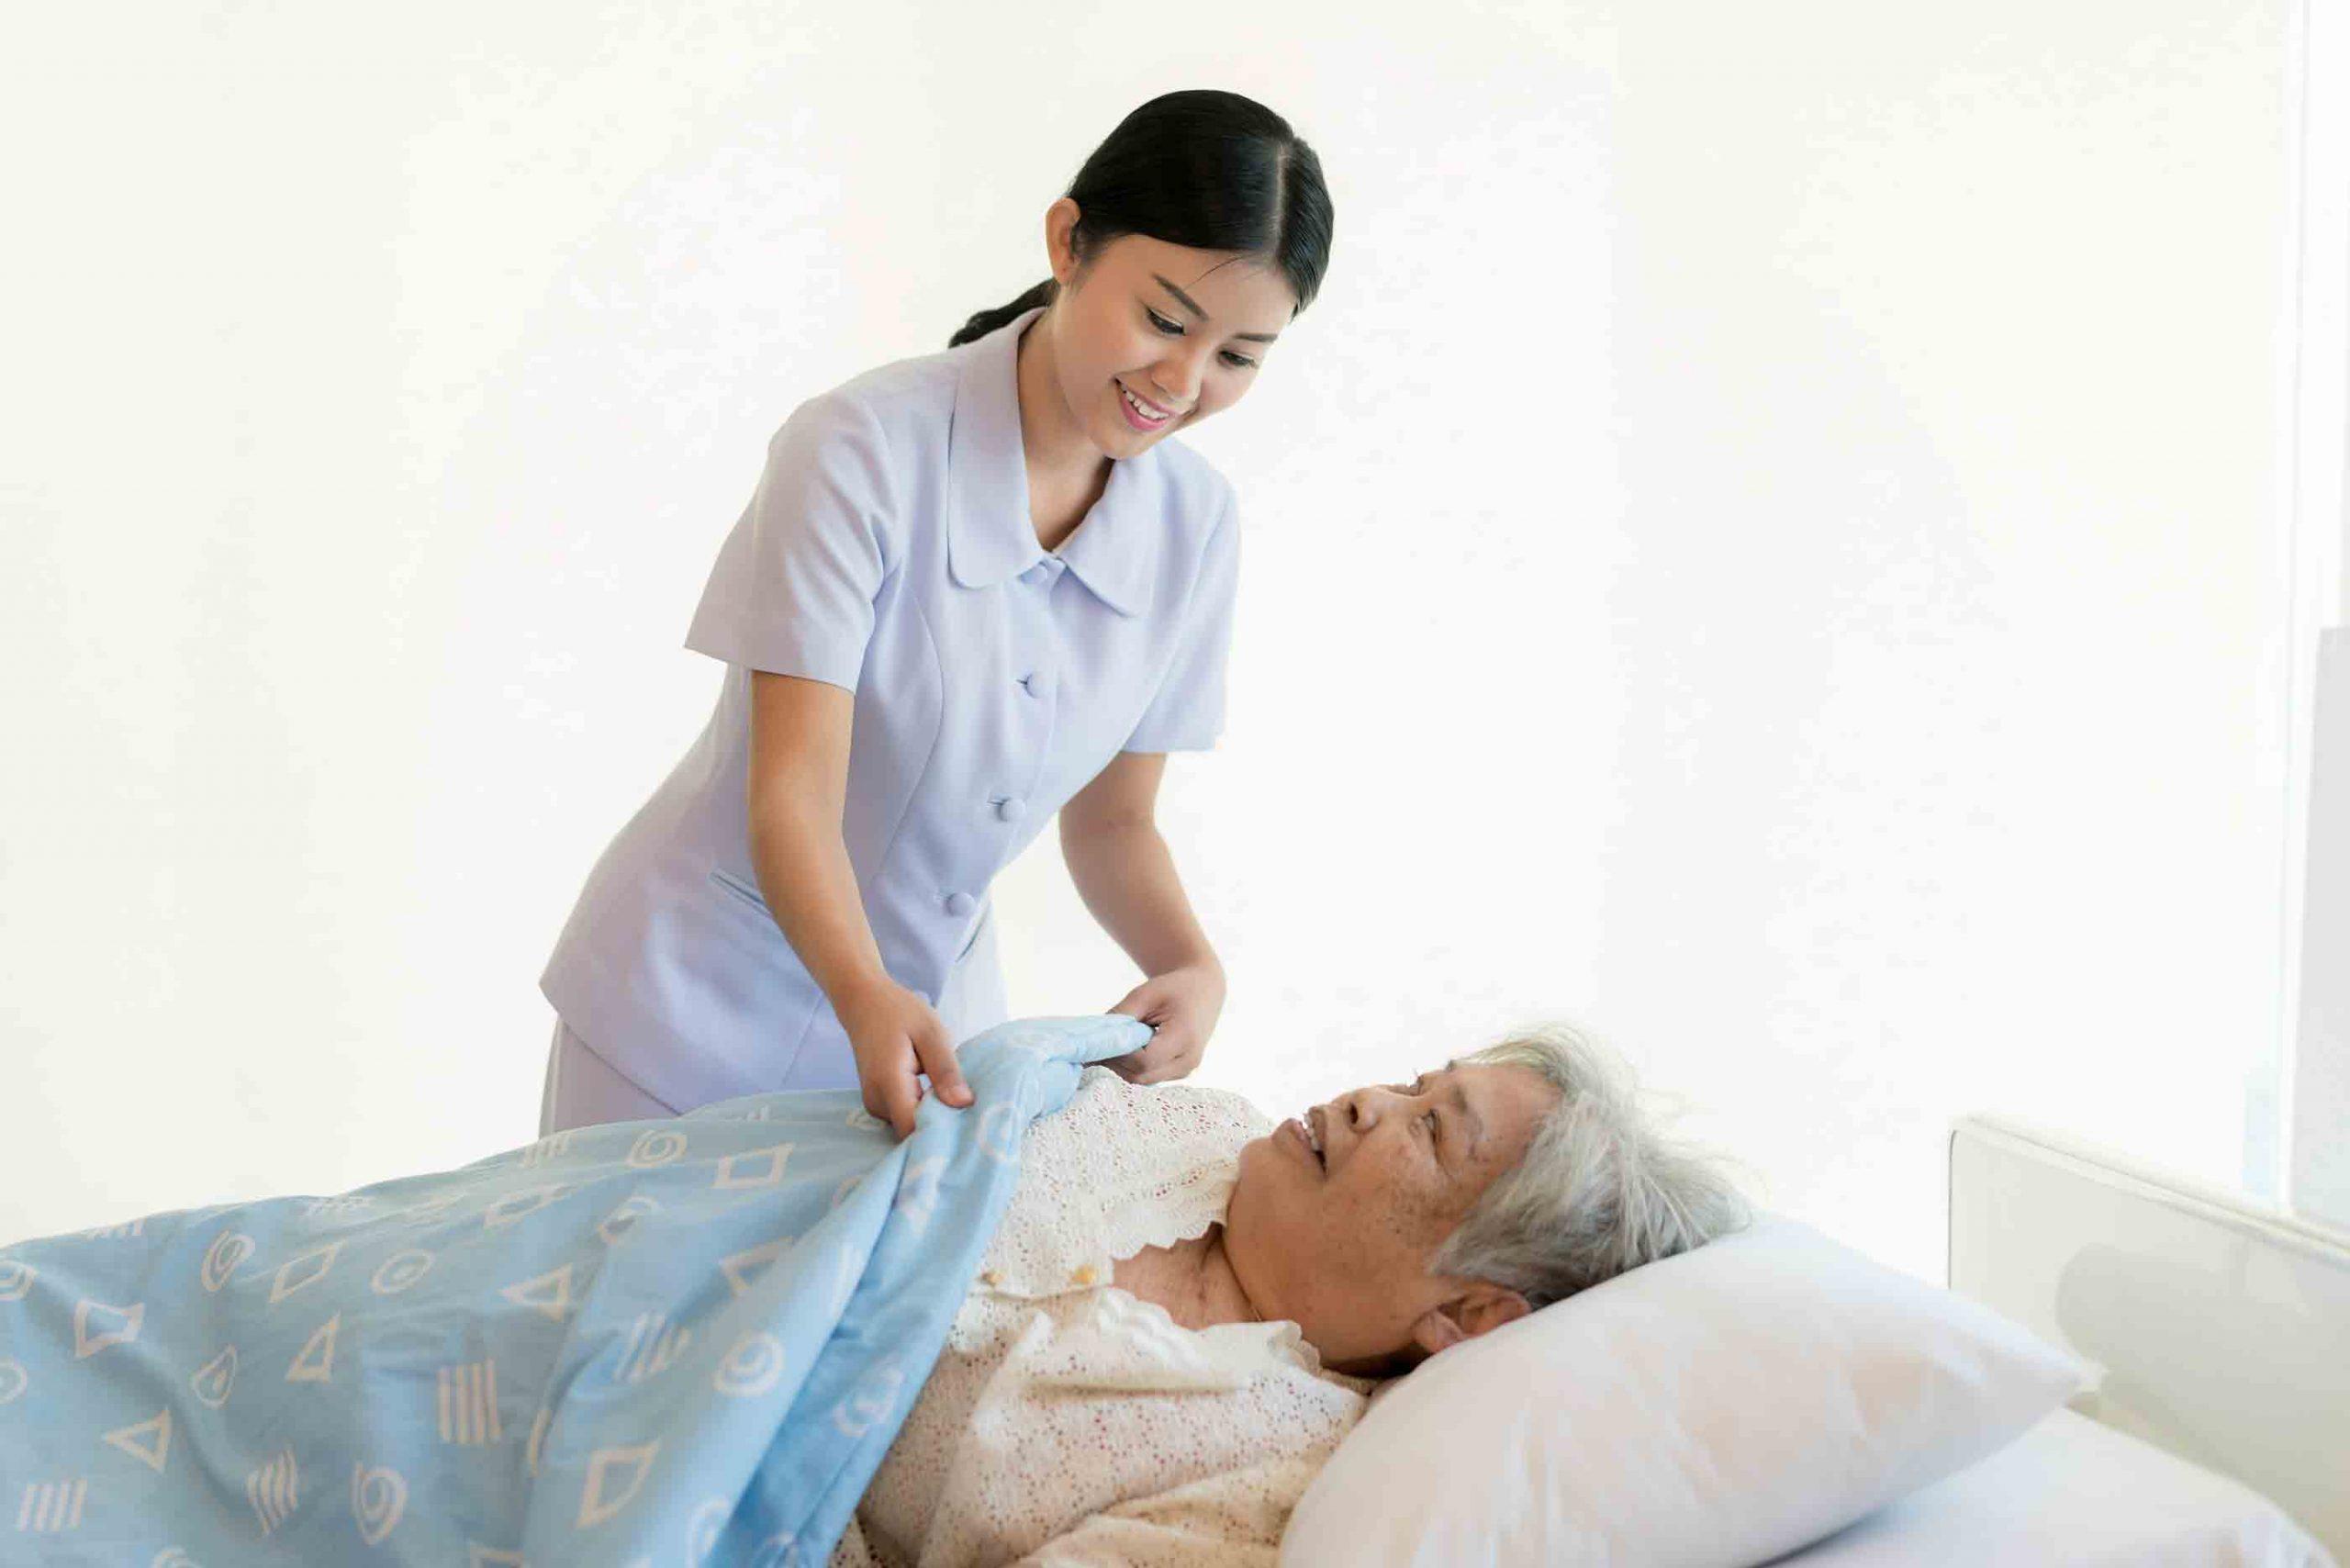 مراقبت و نگهداری از سالمندان در منزل   مرکز پارسیان مهرپرور